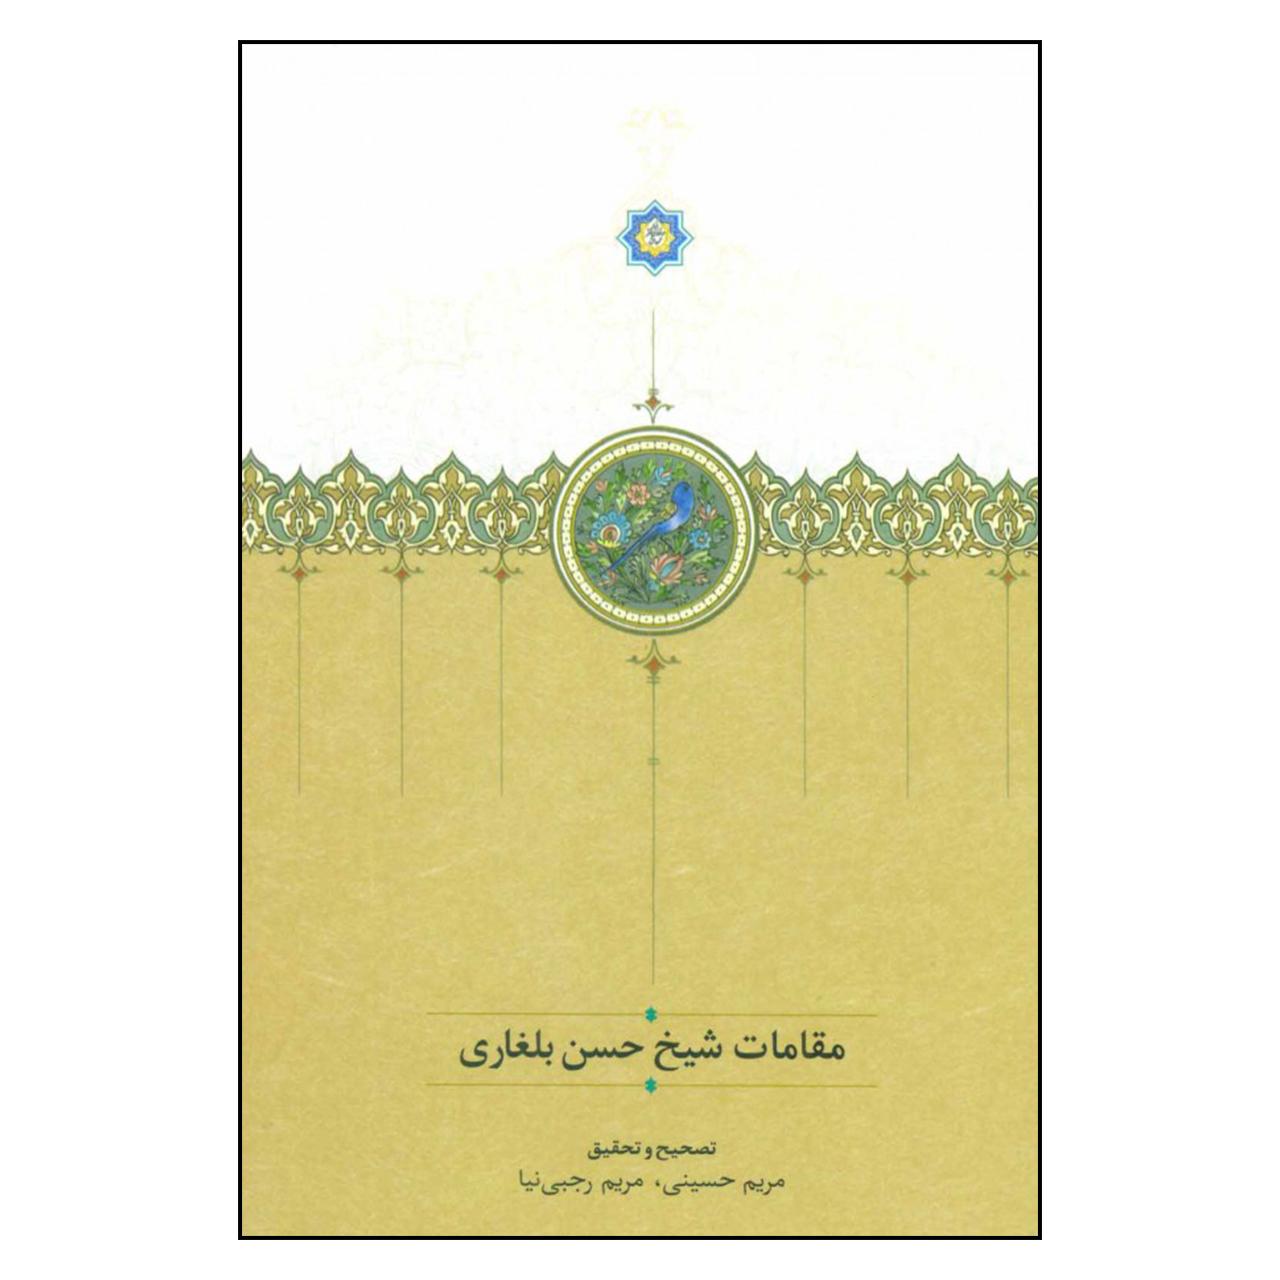 خرید                      کتاب مقامات شیخ حسن بلغاری اثر مریم حسینی و مریم رجبی نیا انتشارات سخن